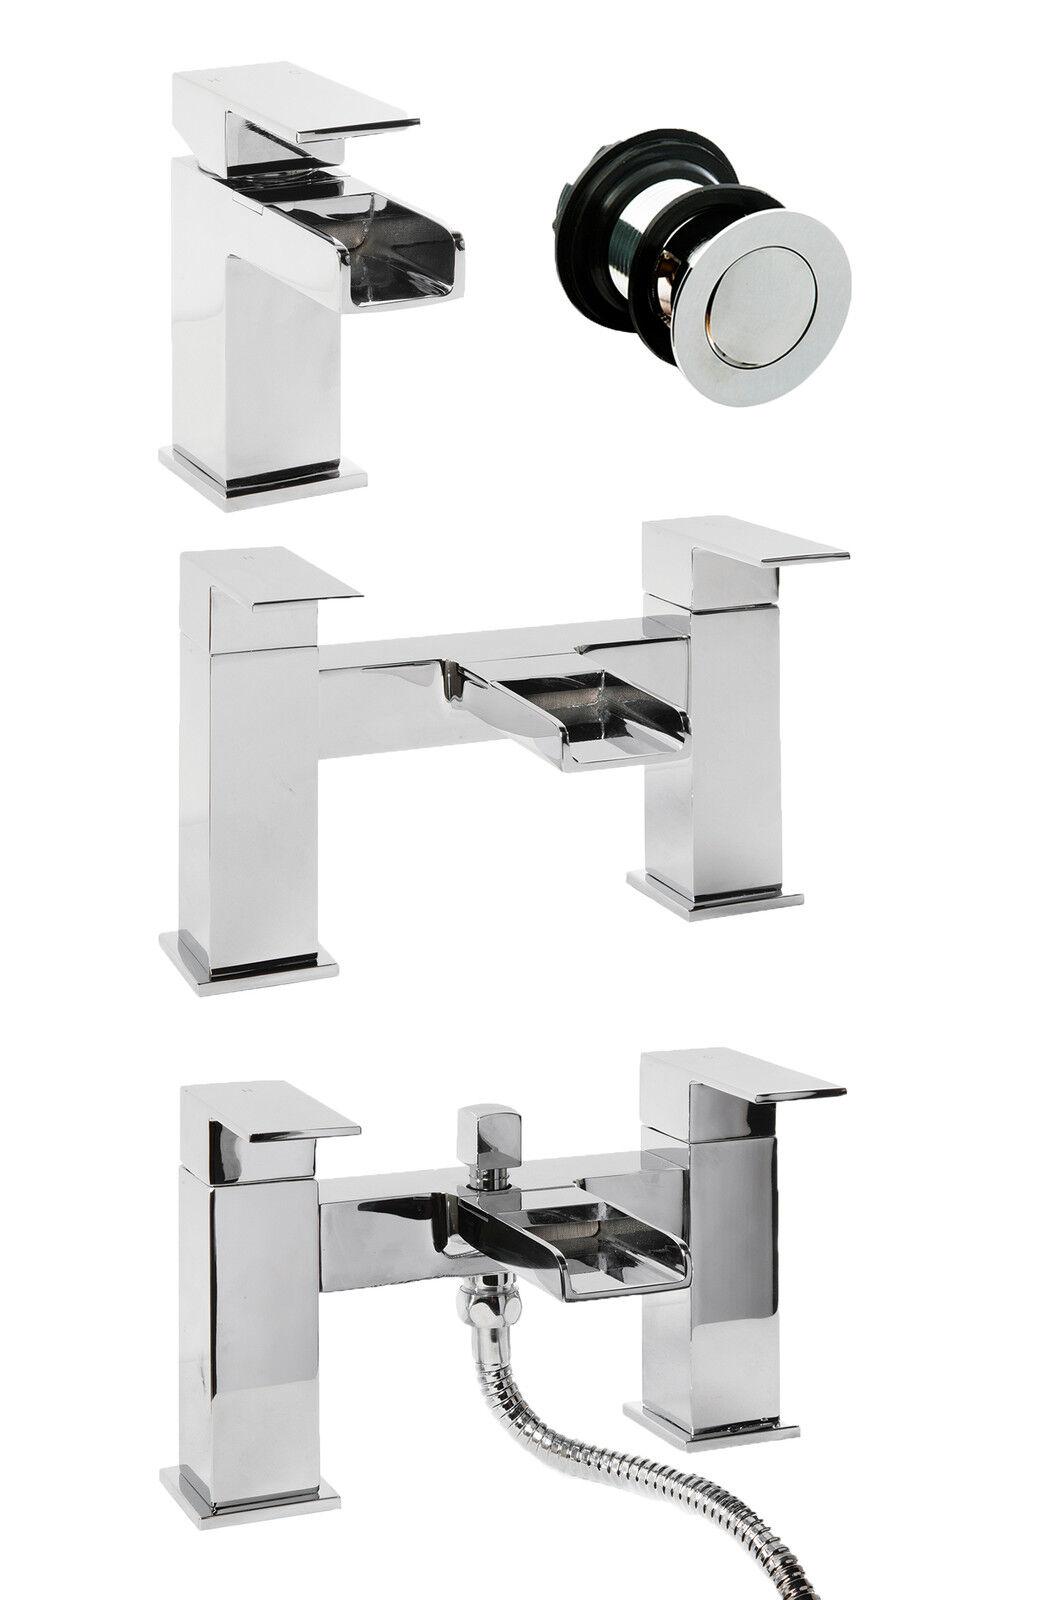 Moderne carré cascade bassin mitigeur bain de remplissage douche mélangeur salle de bains chrome